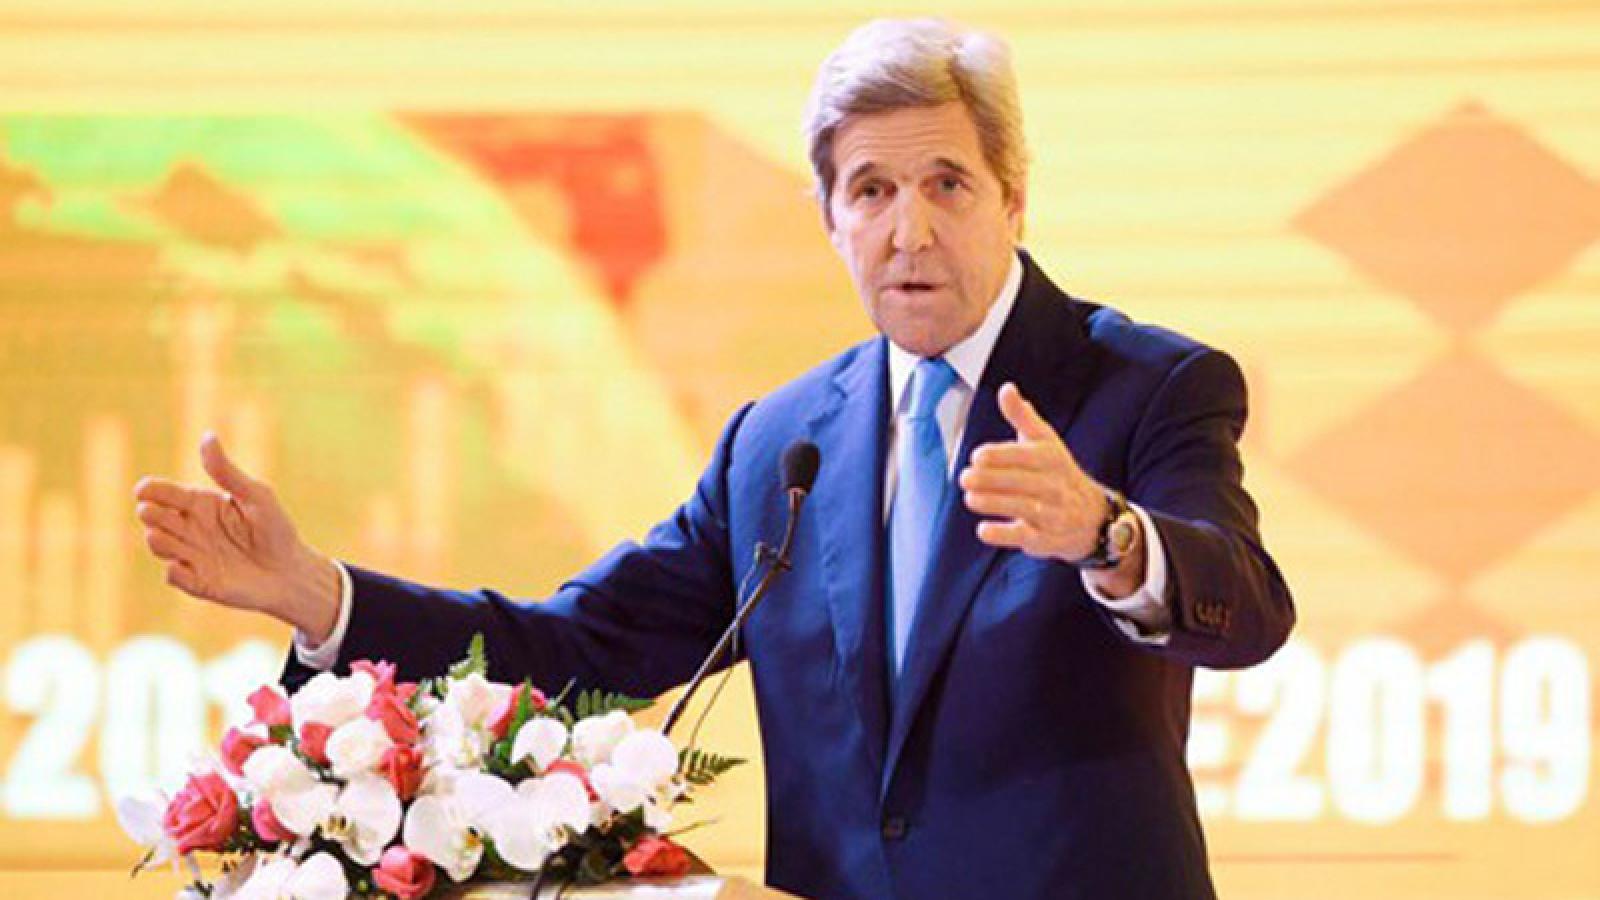 Cựu Ngoại trưởng Mỹ tin khu vực tư nhân sẽ giải quyết tốt vấn đề biến đổi khí hậu